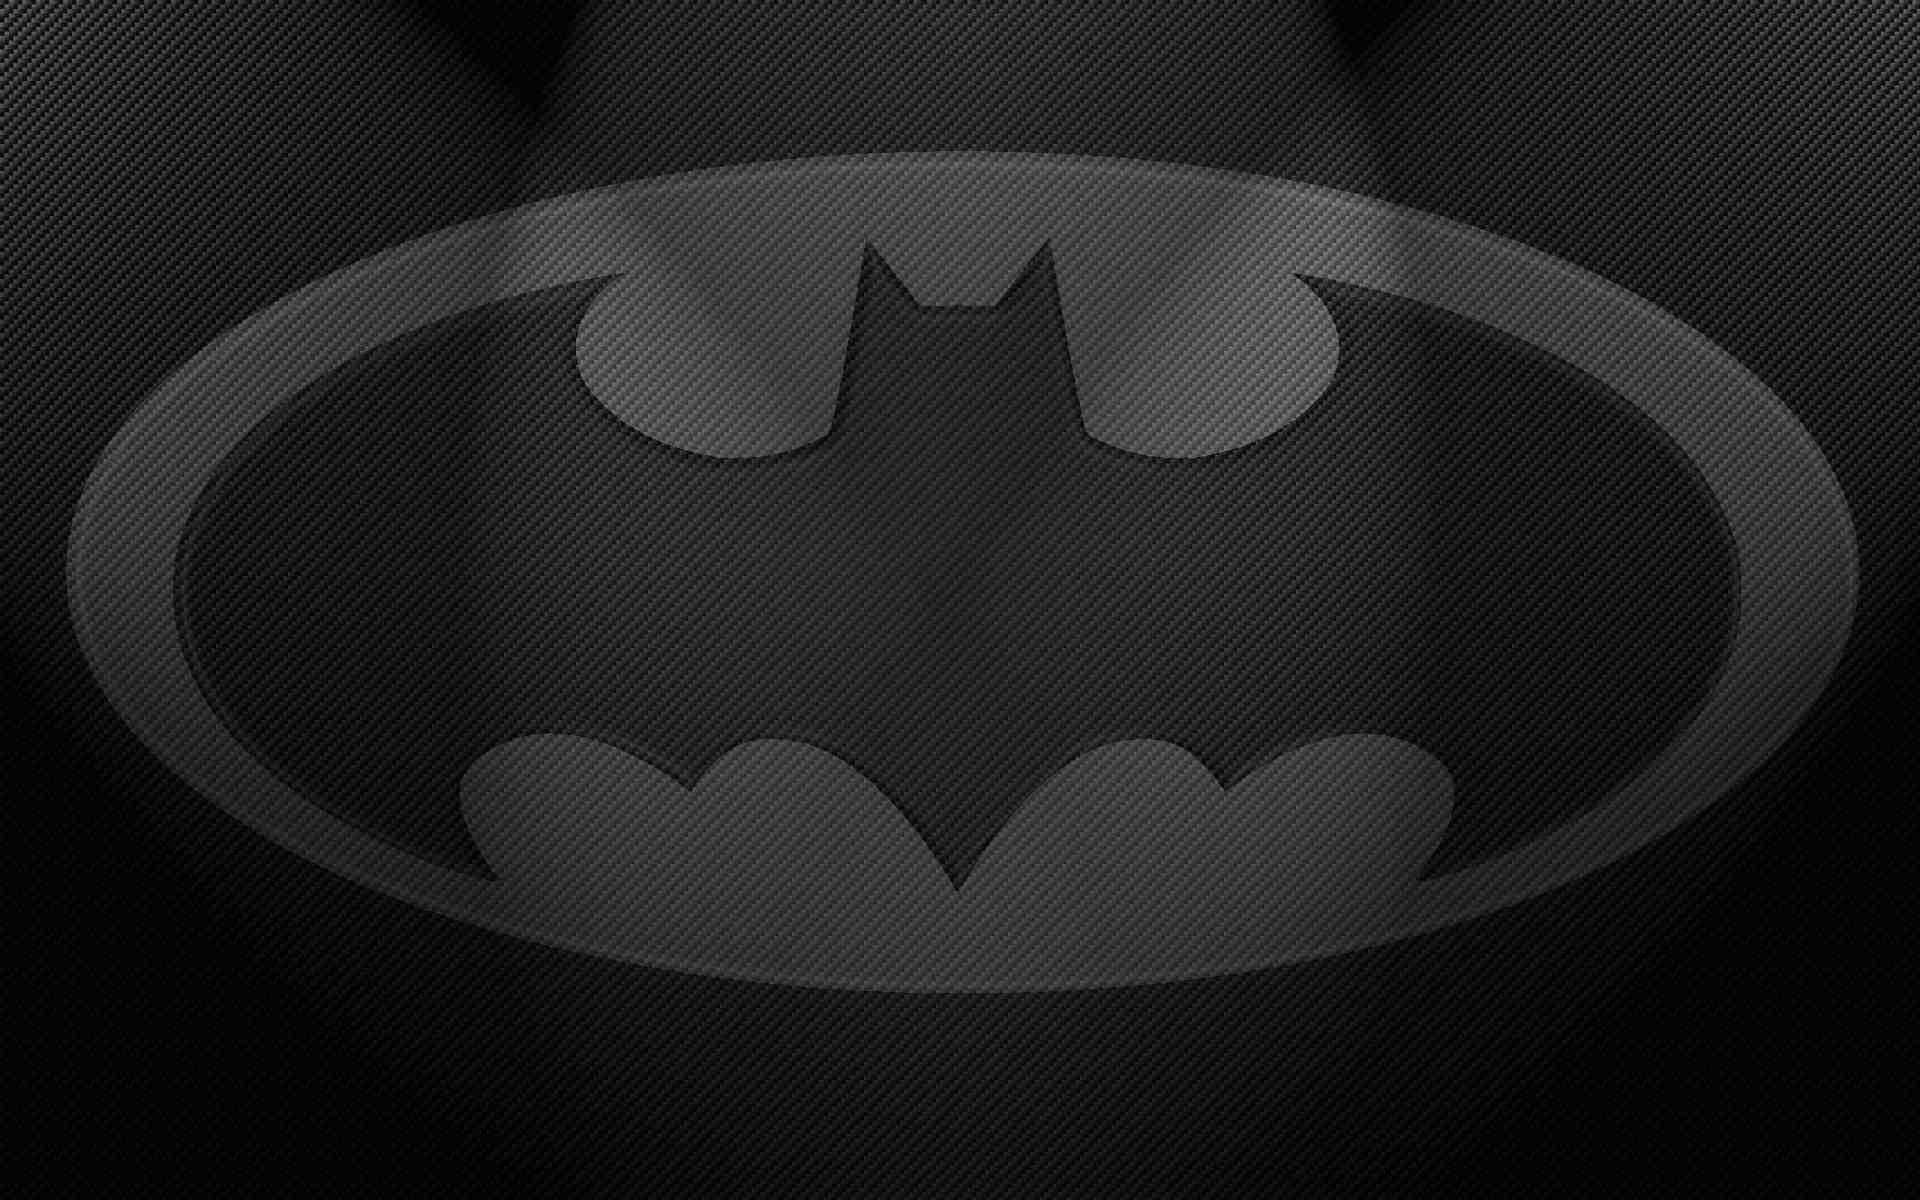 Comics – Batman Batman Symbol Wallpaper